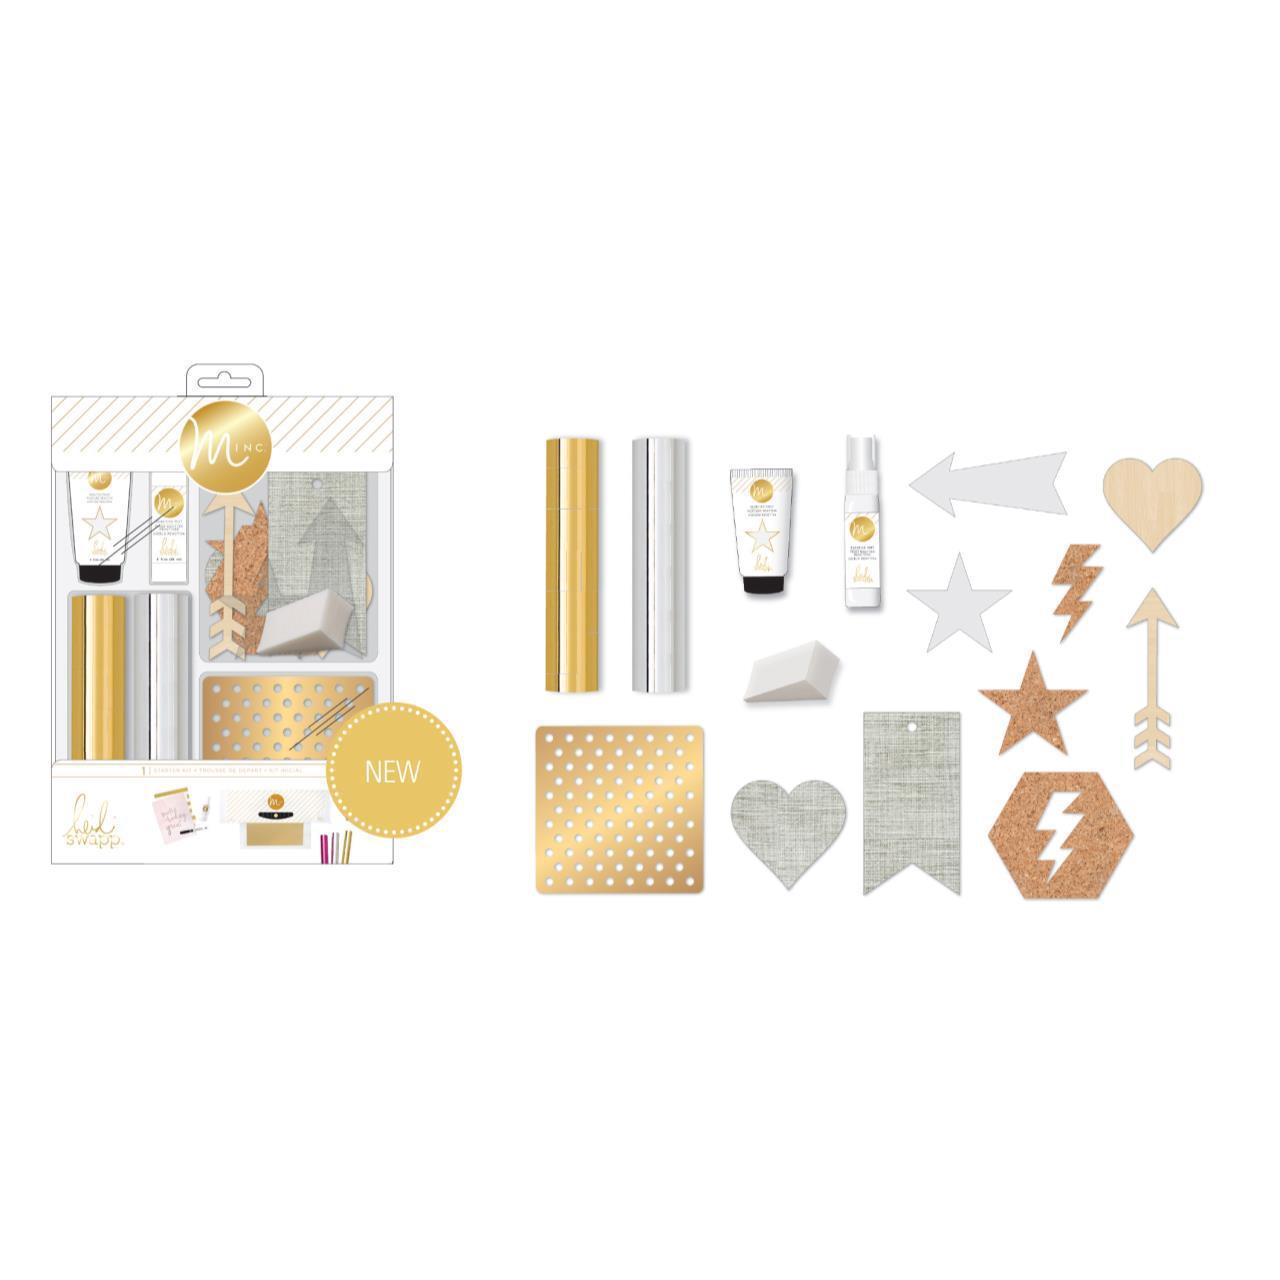 Стартовый набор для фольгирования Heidi Swapp Minc Starter Kit